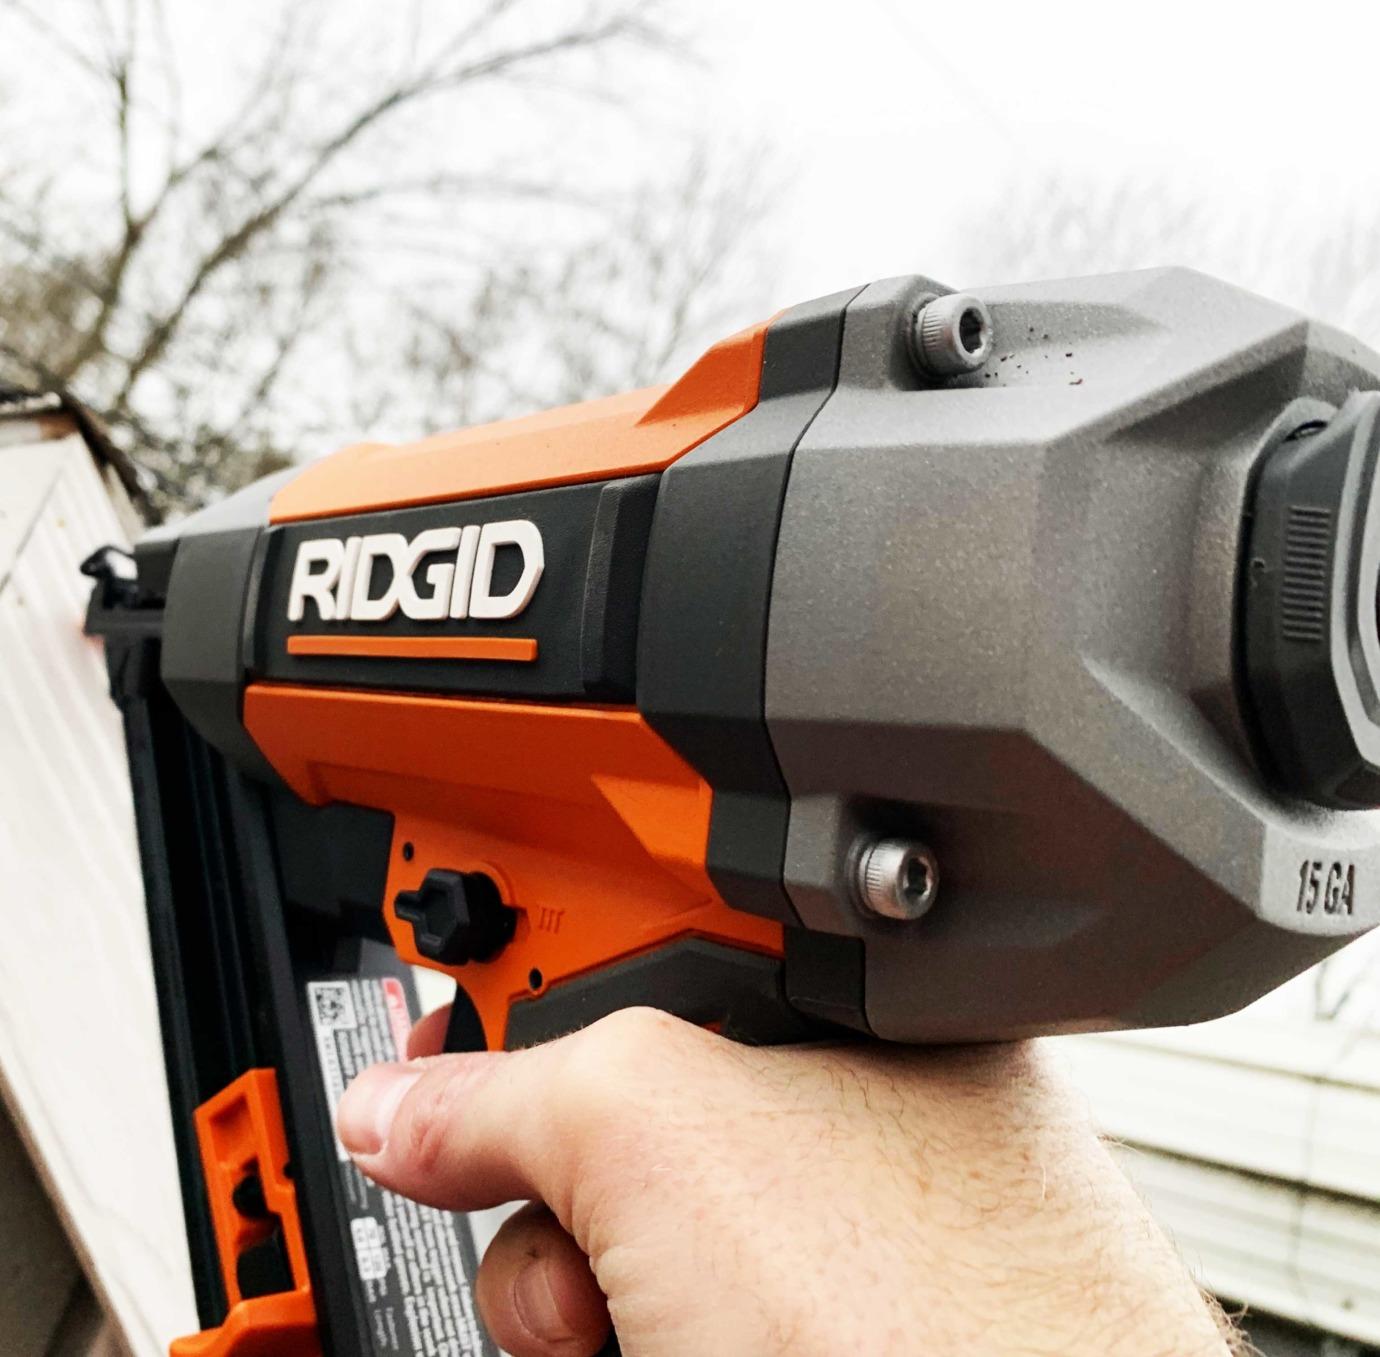 RIDGID 15 Gauge Nail Gun